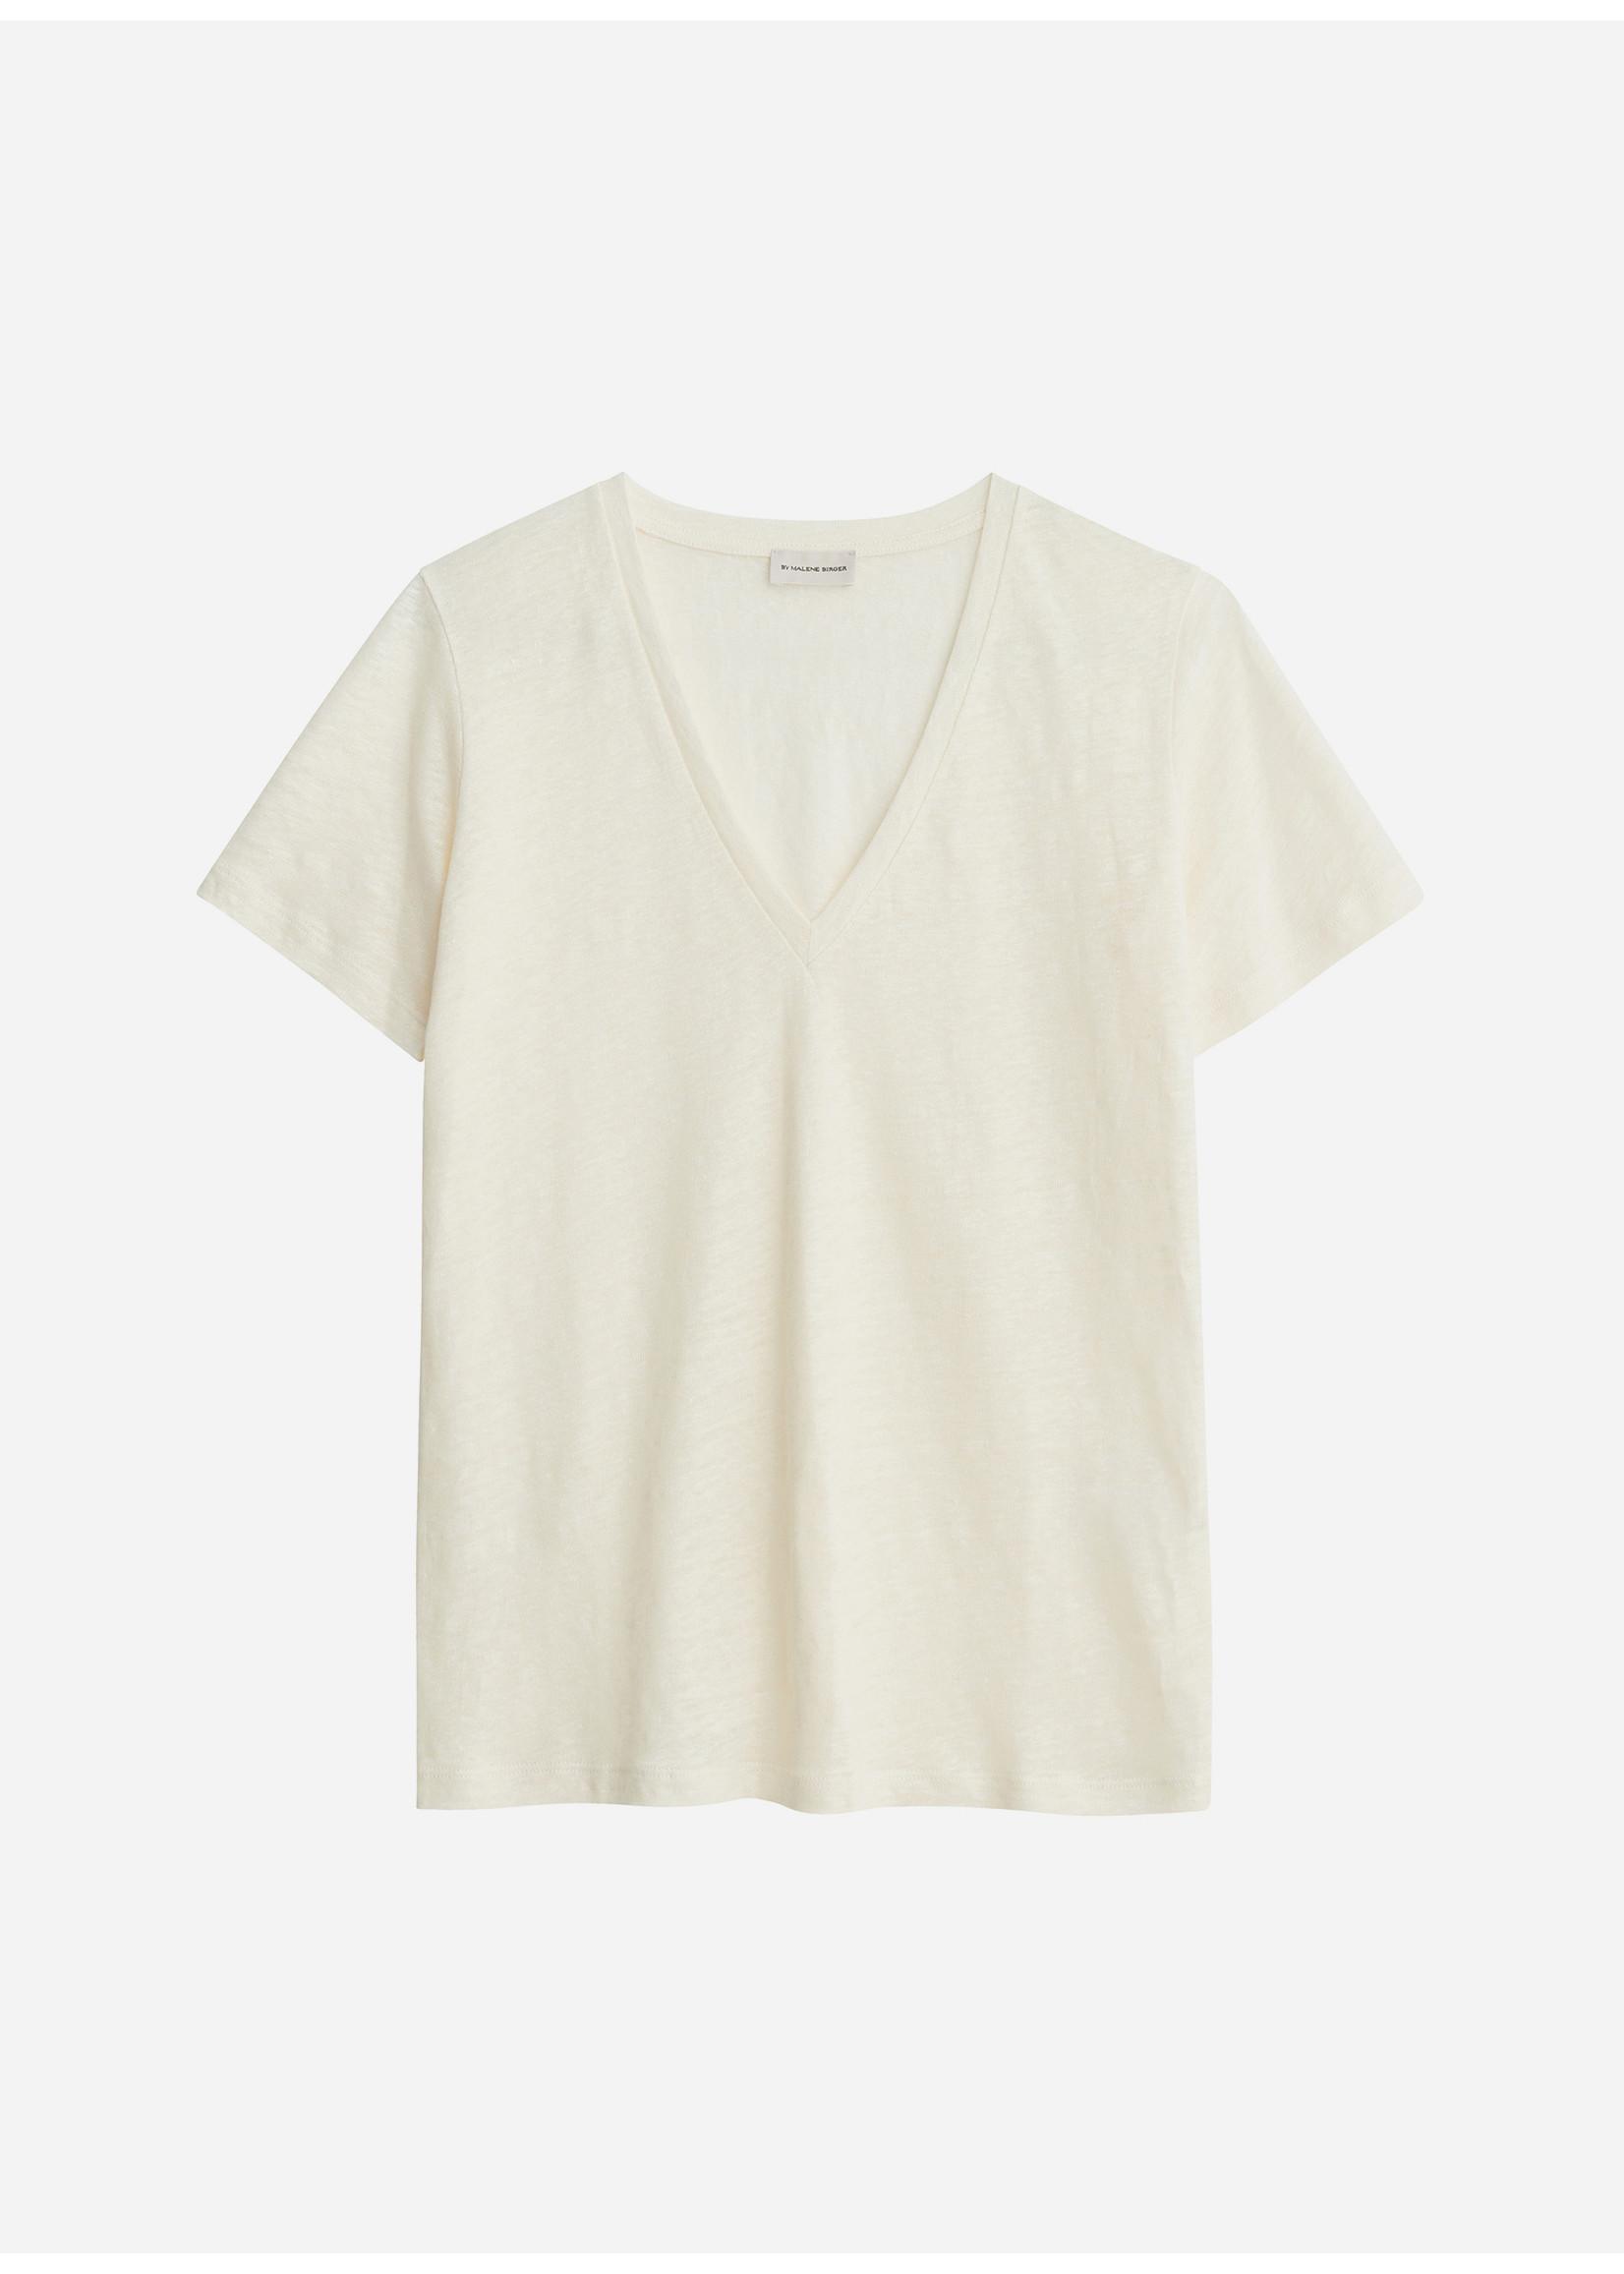 Malene Birger Zooey tshirt soft white